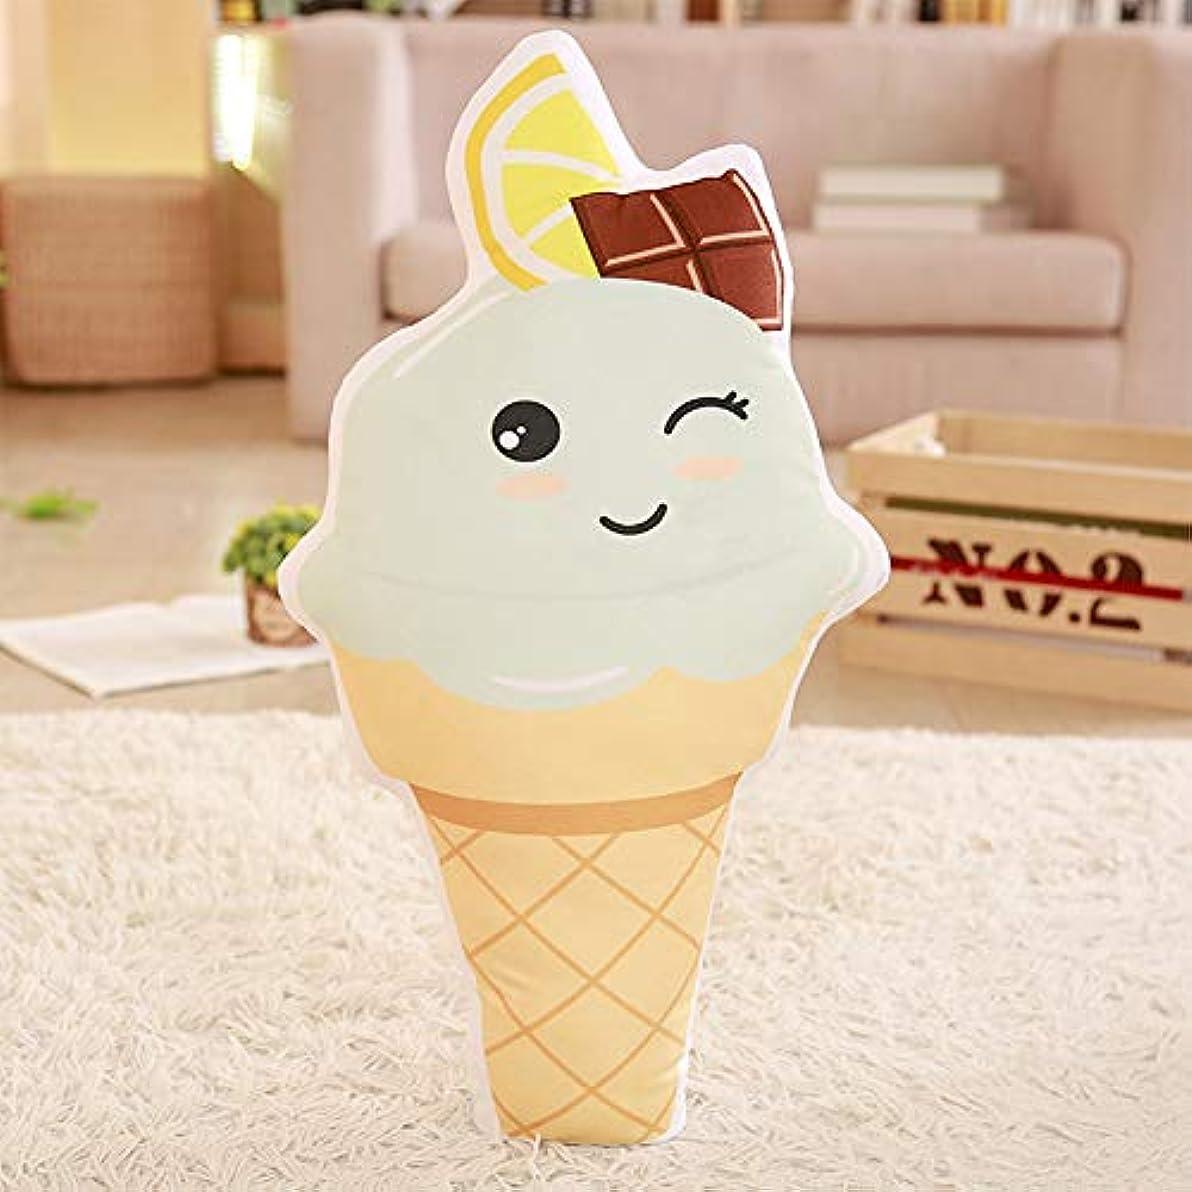 である九時四十五分精緻化Rabugoo 趣味 家の装飾のためのかわいい豪華なアイスクリーム枕豪華な人形 Chocolate lemon cone 60cm